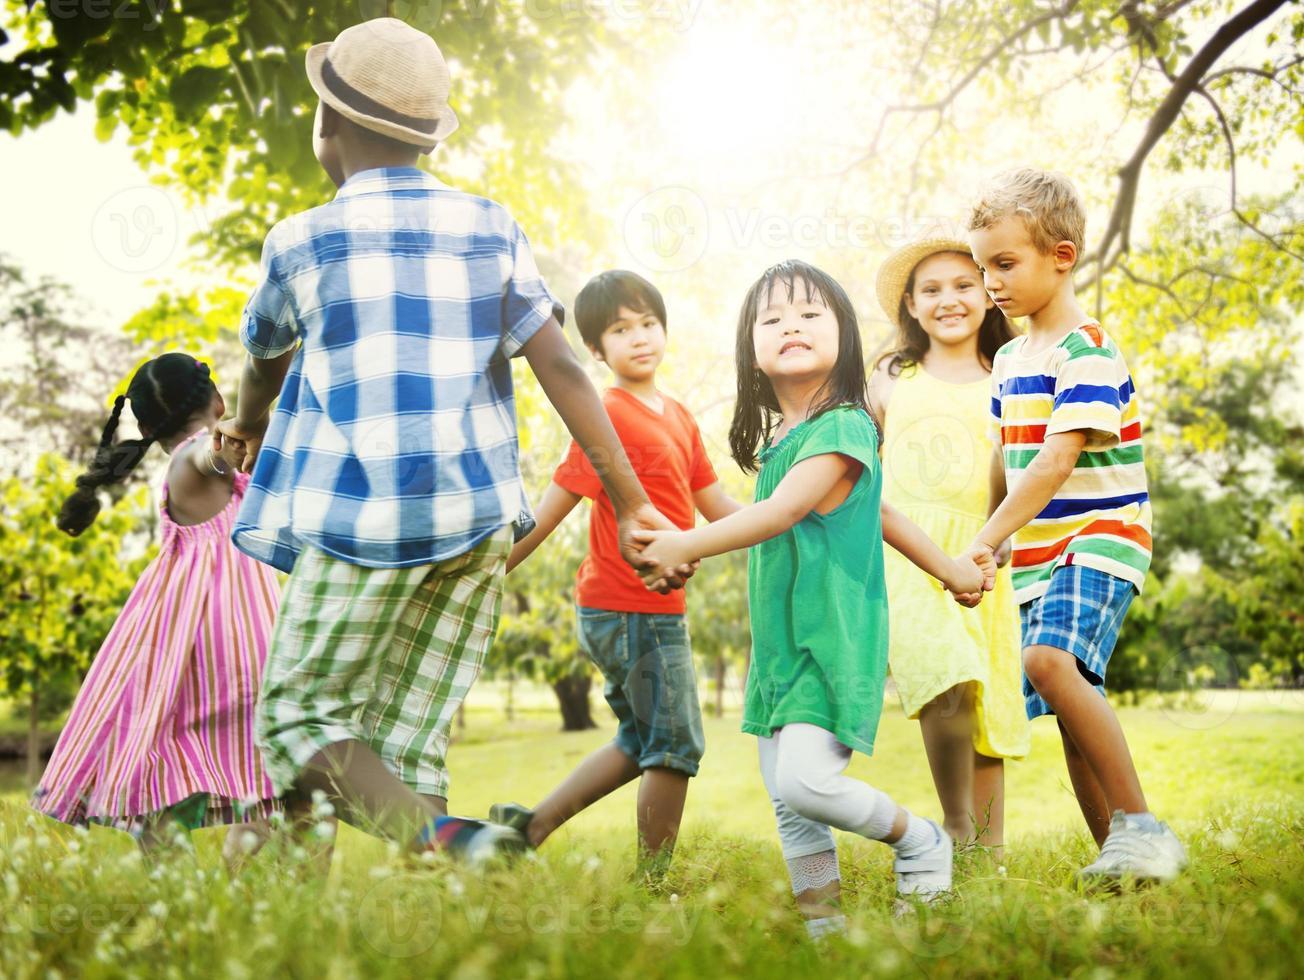 Kinder Freundschaft Zusammengehörigkeit Spiel Glückskonzept foto